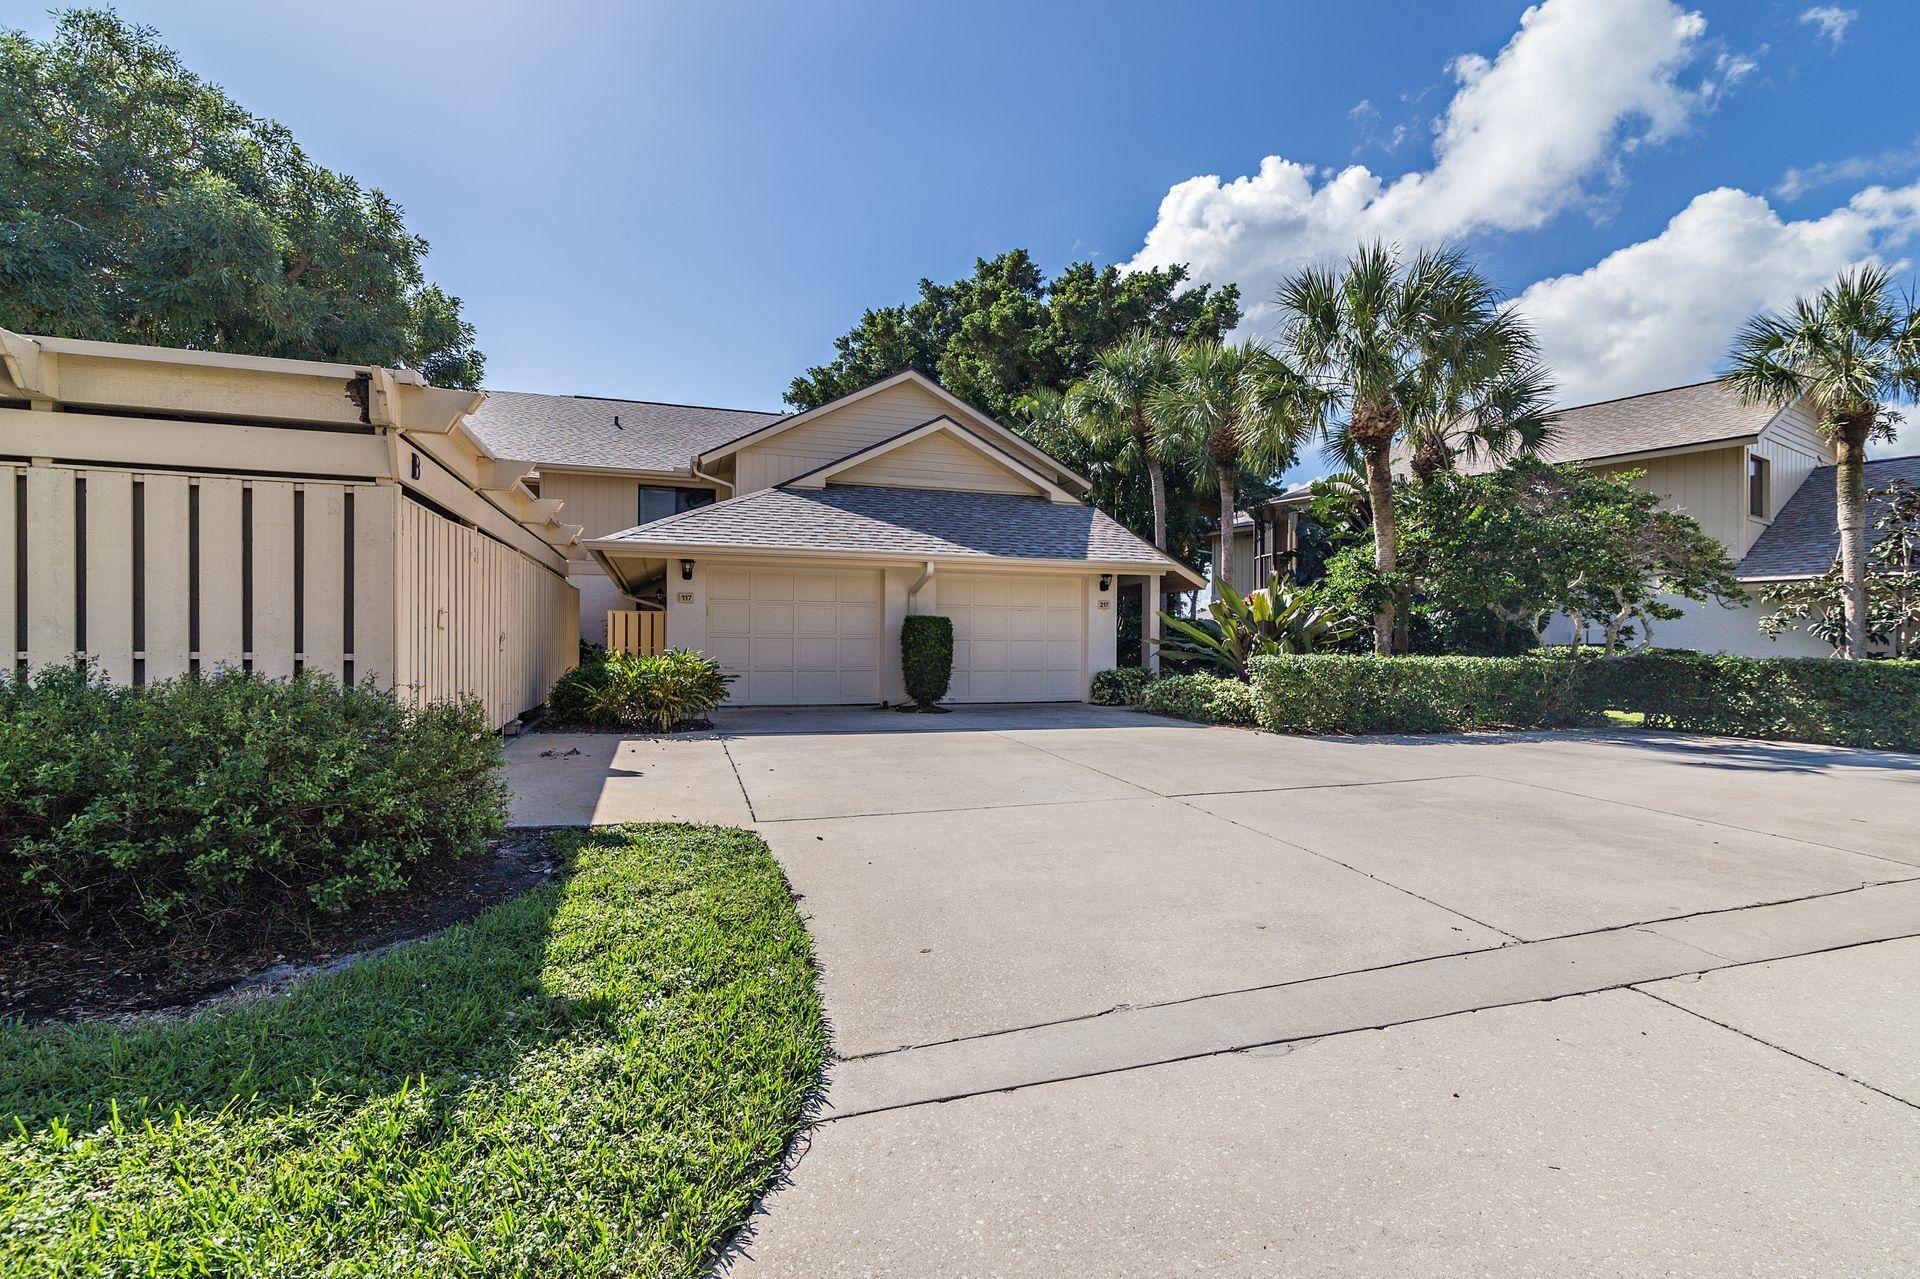 Photo of 17138 Waterbend Drive #217, Jupiter, FL 33477 (MLS # RX-10672362)